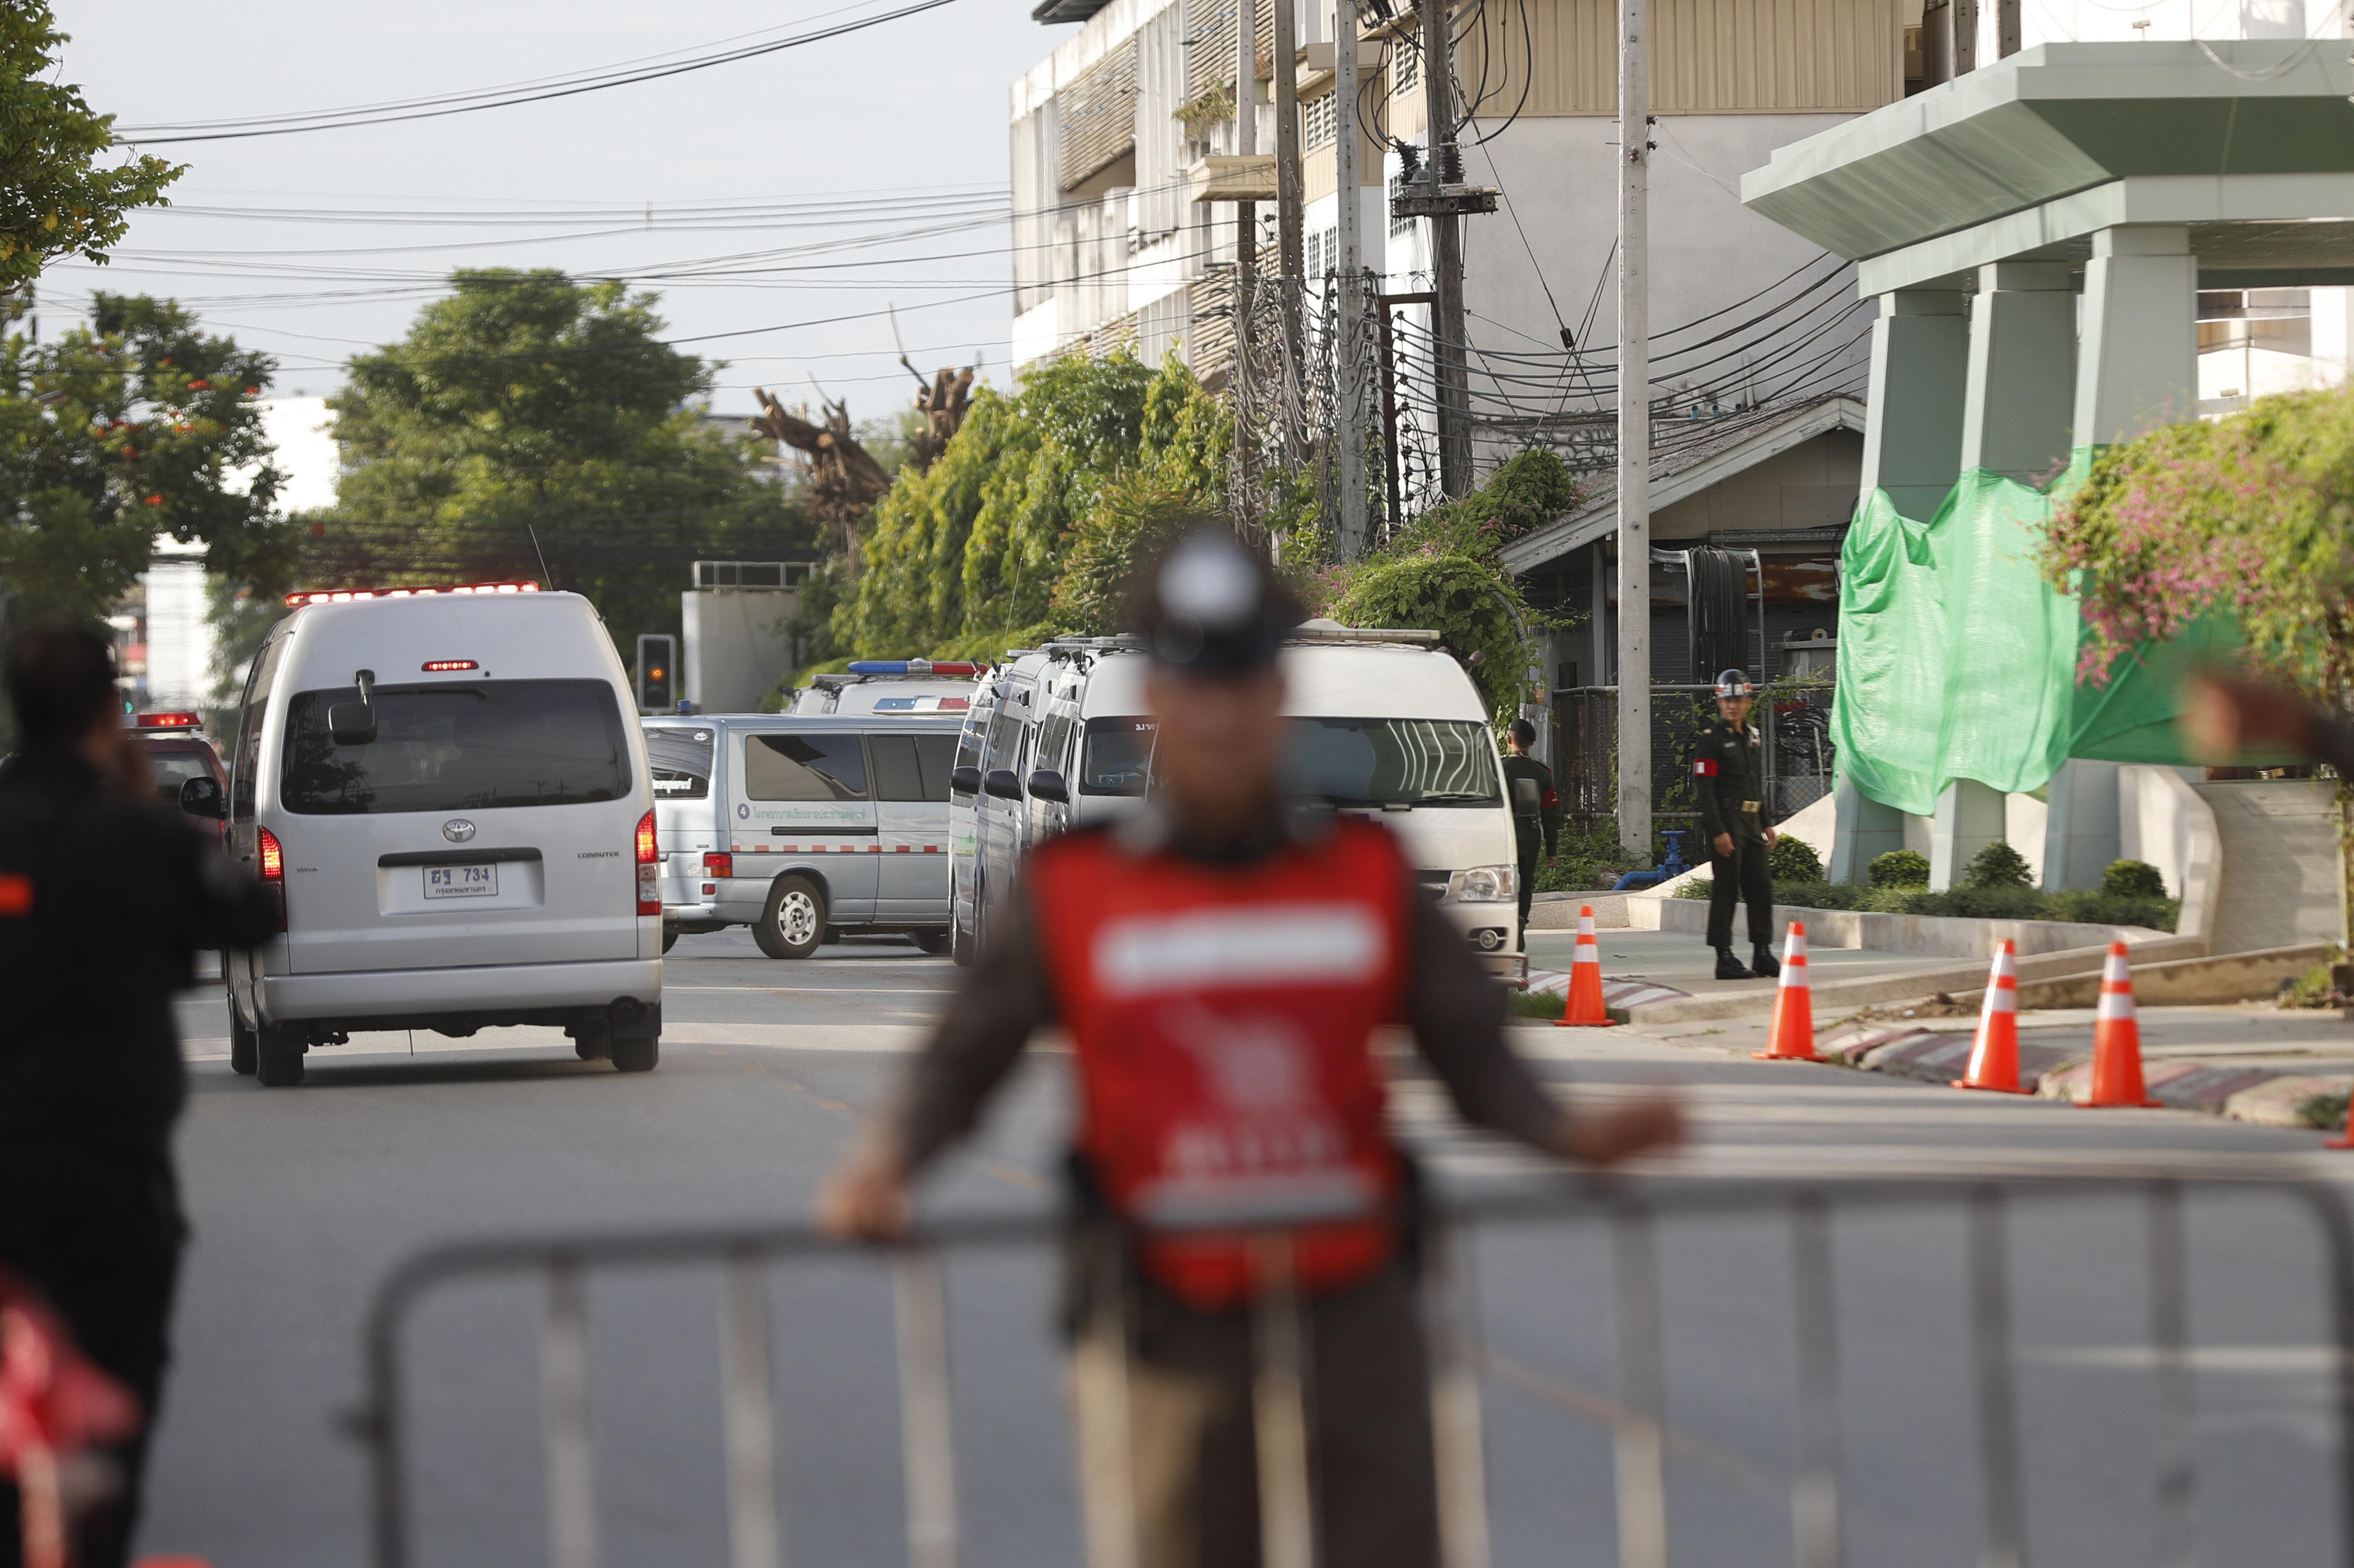 Полицейское оцепление вблизи госпиталя, куда доставляют пострадавших детей